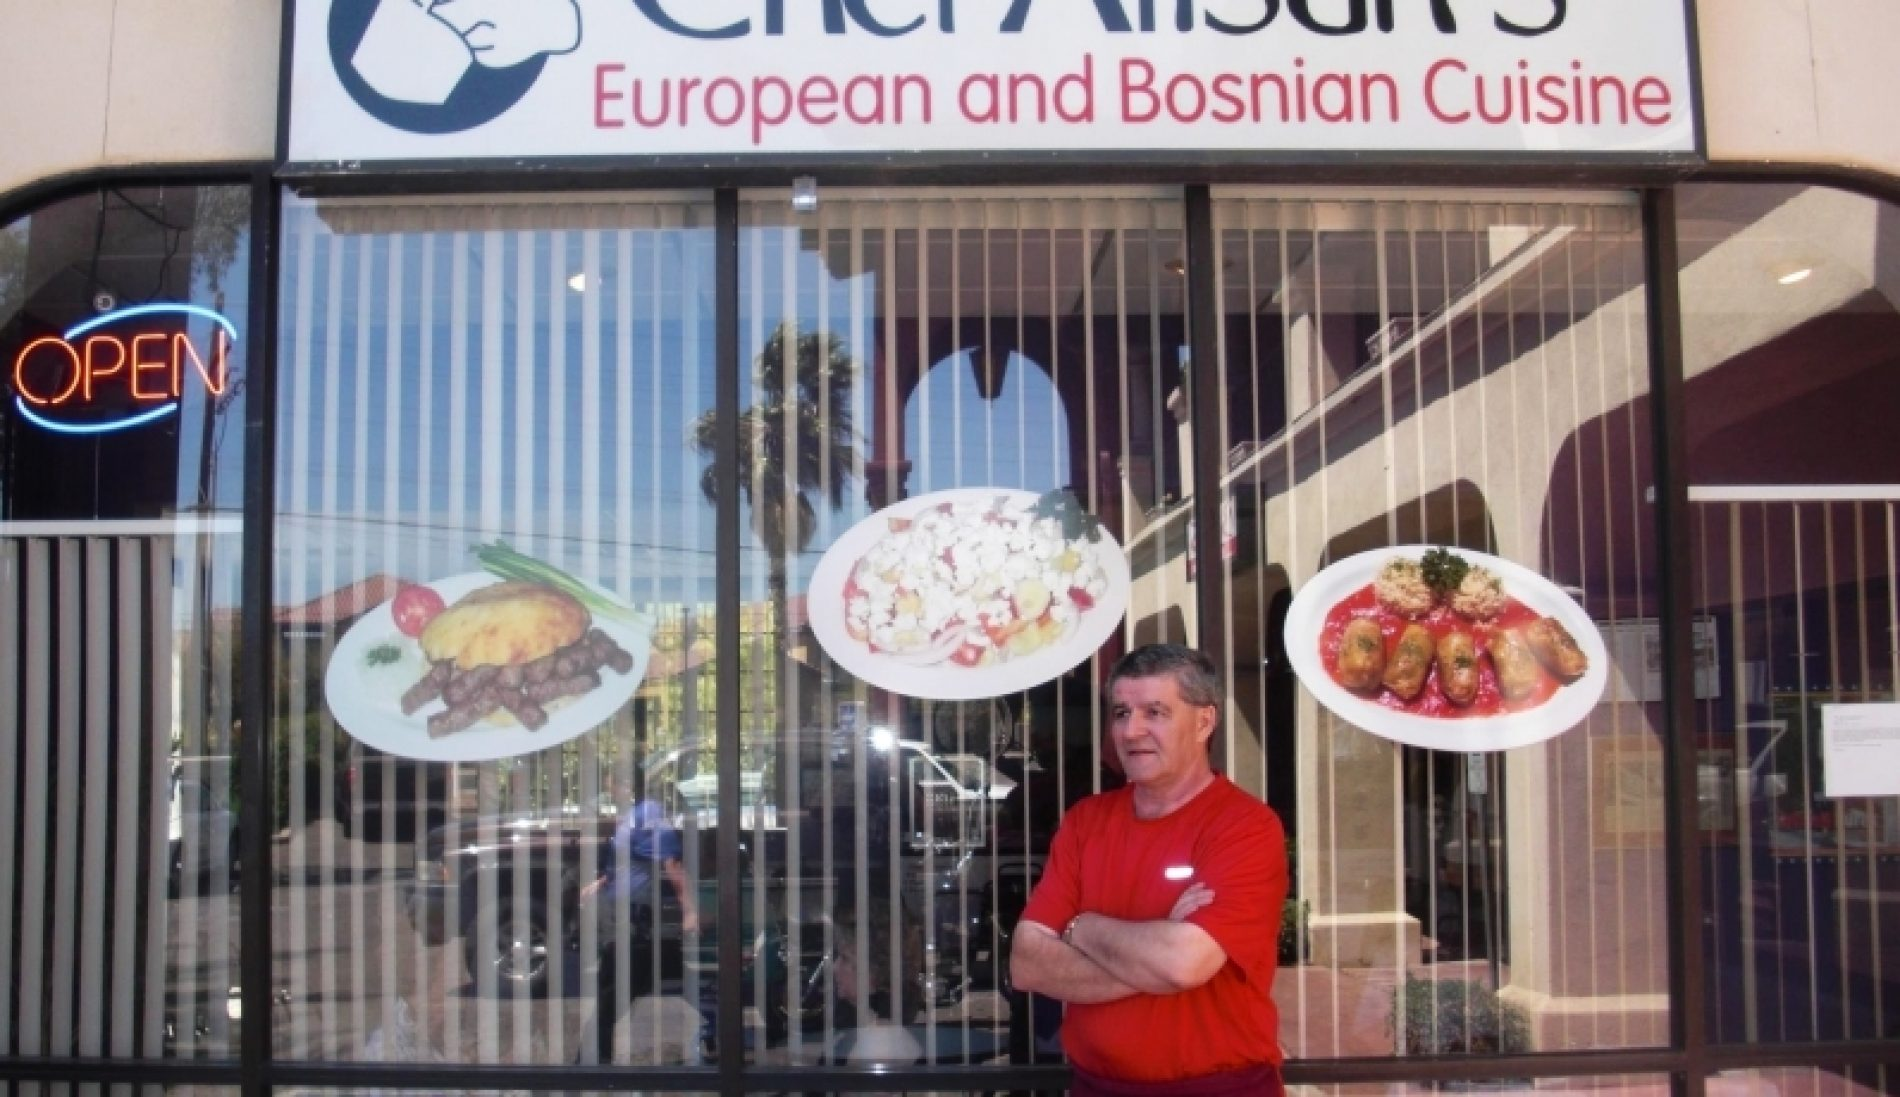 SAD: Bosanski restoran proglašen za najbolji u Tucsonu, Arizona